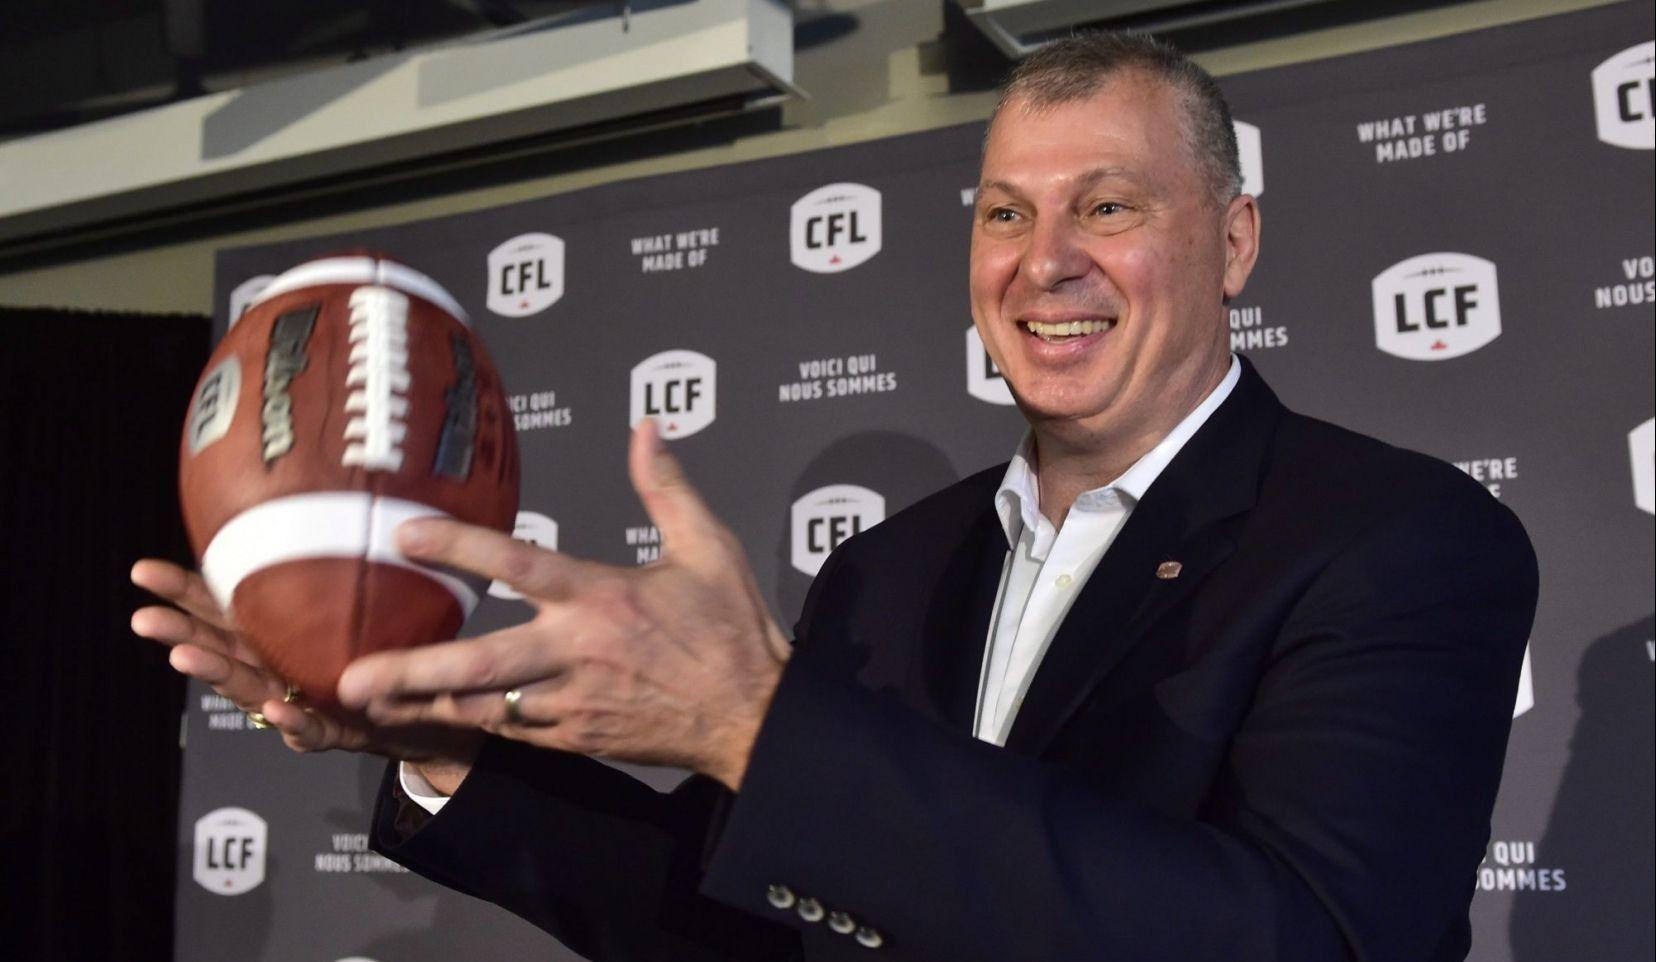 LCF: pas d'échéancier pour une expansion à Halifax, indique le commissaire